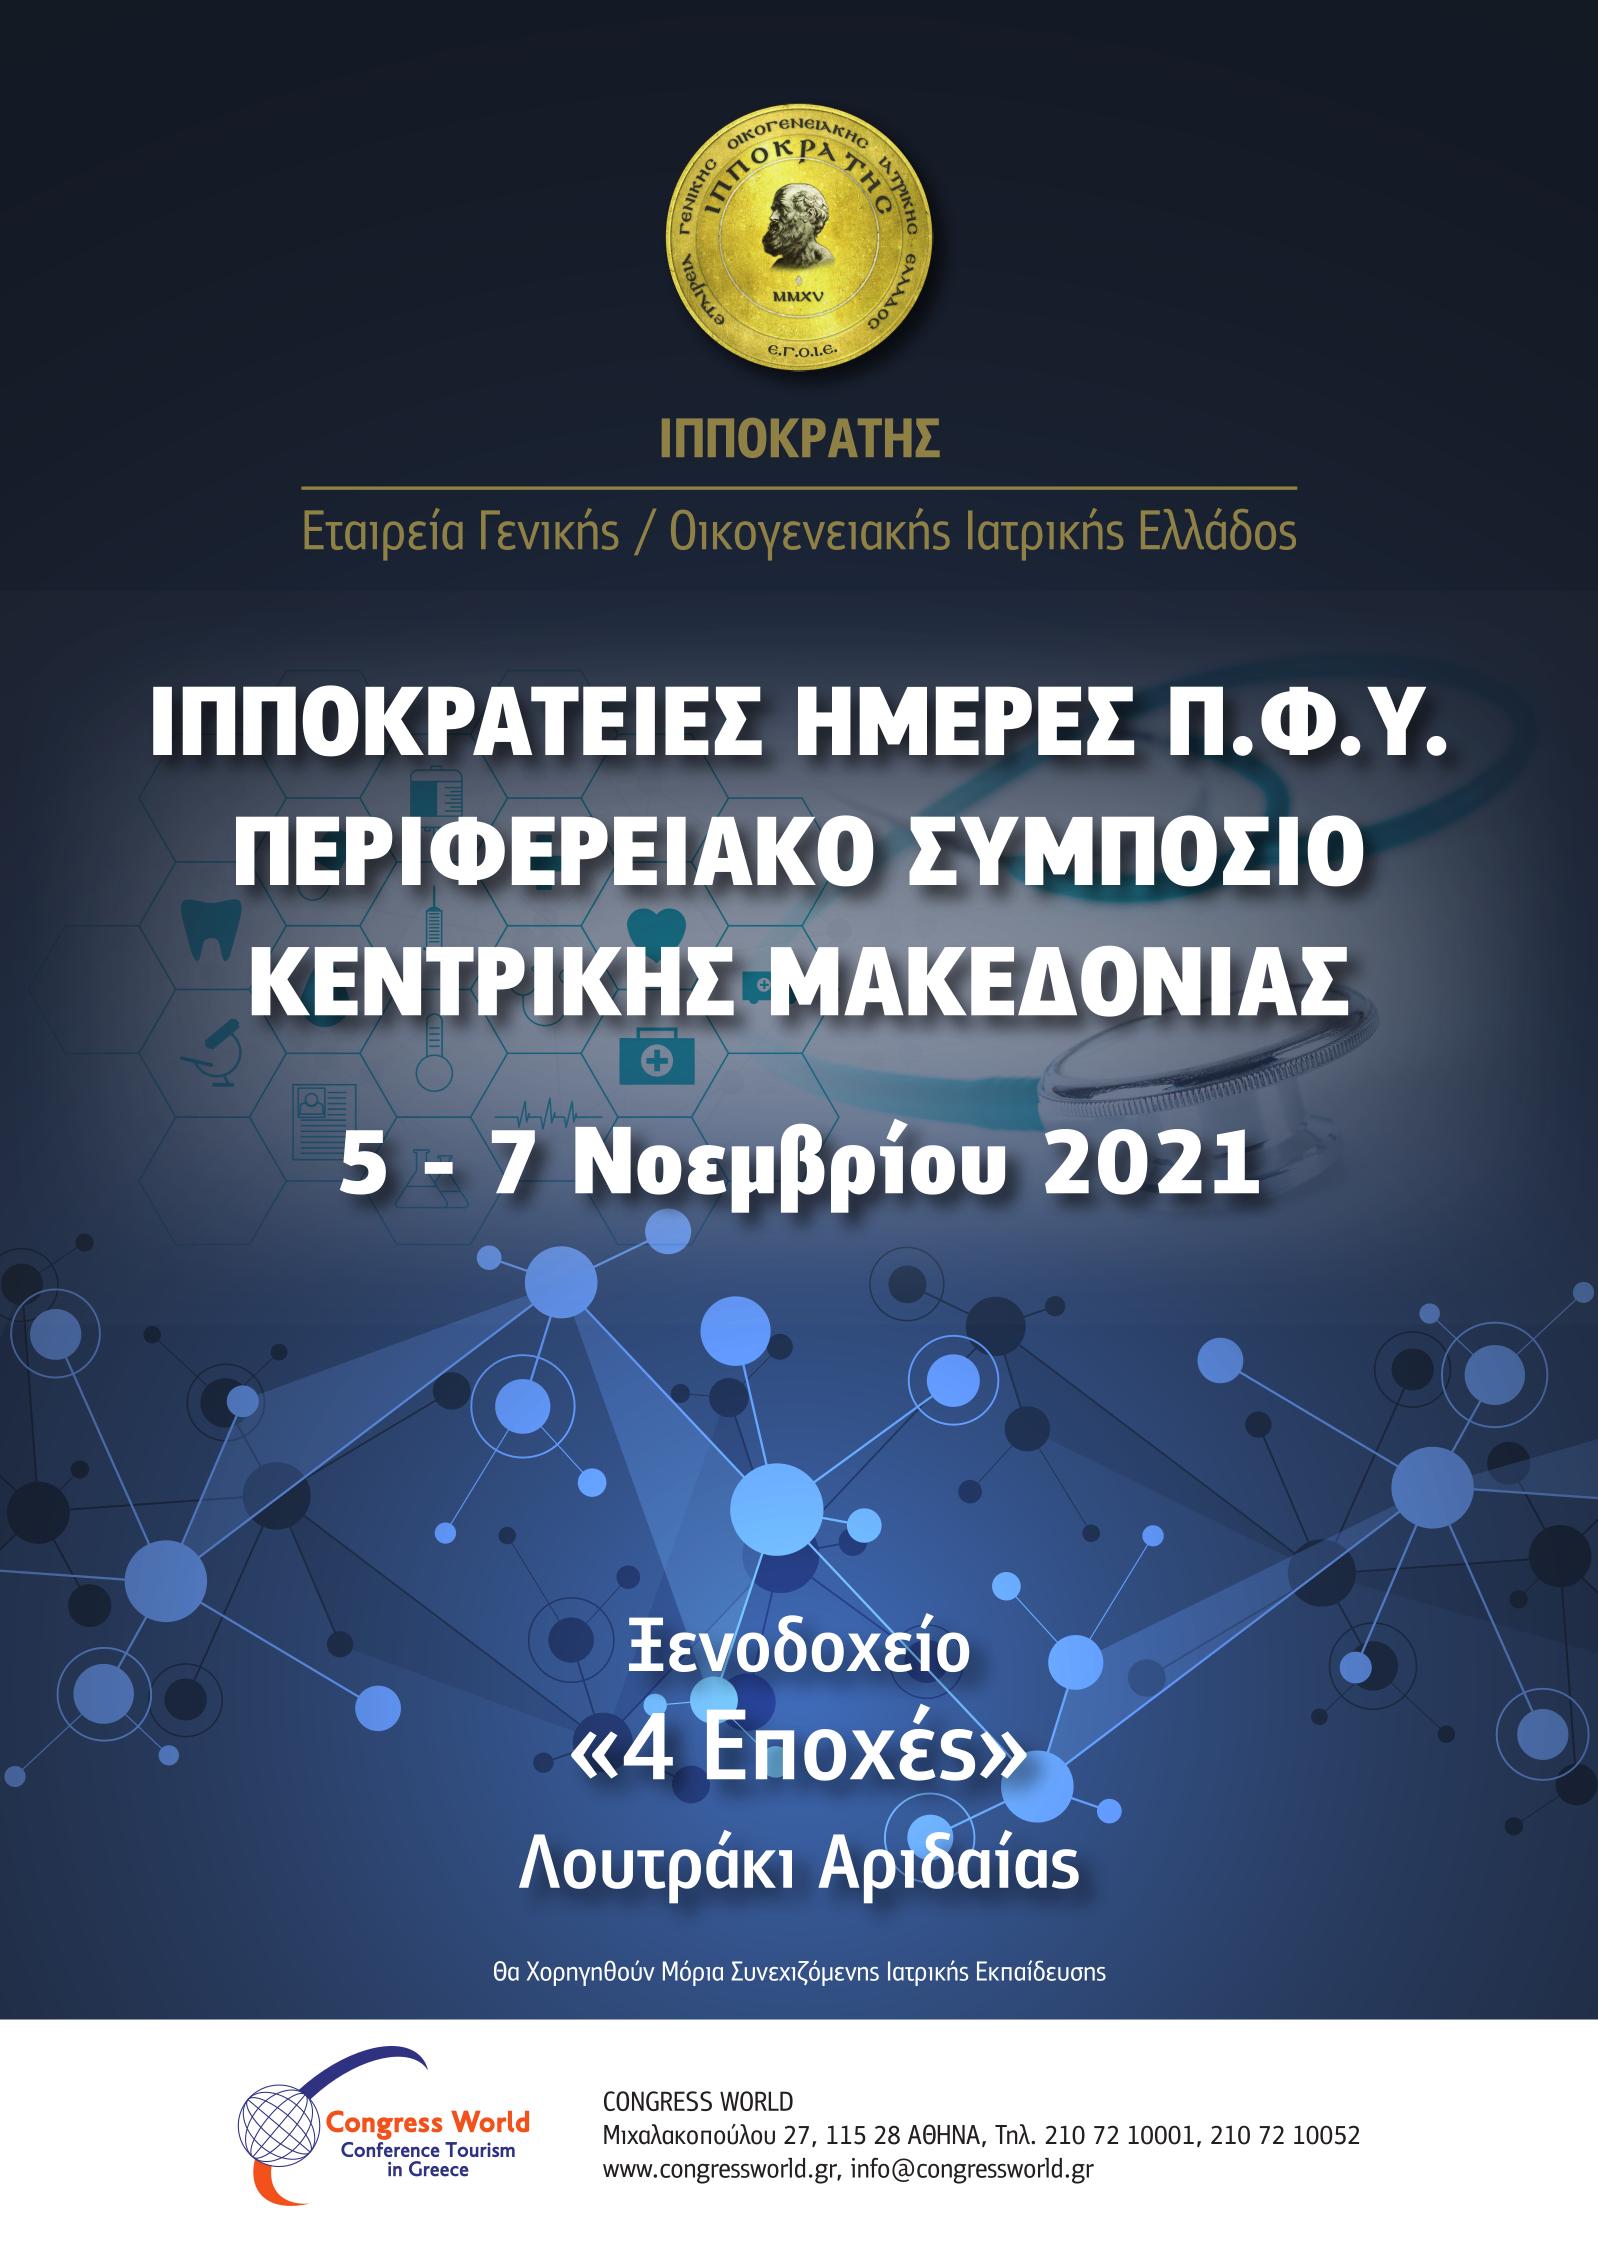 ippokrateies imeres kentrikis makedonias 2021